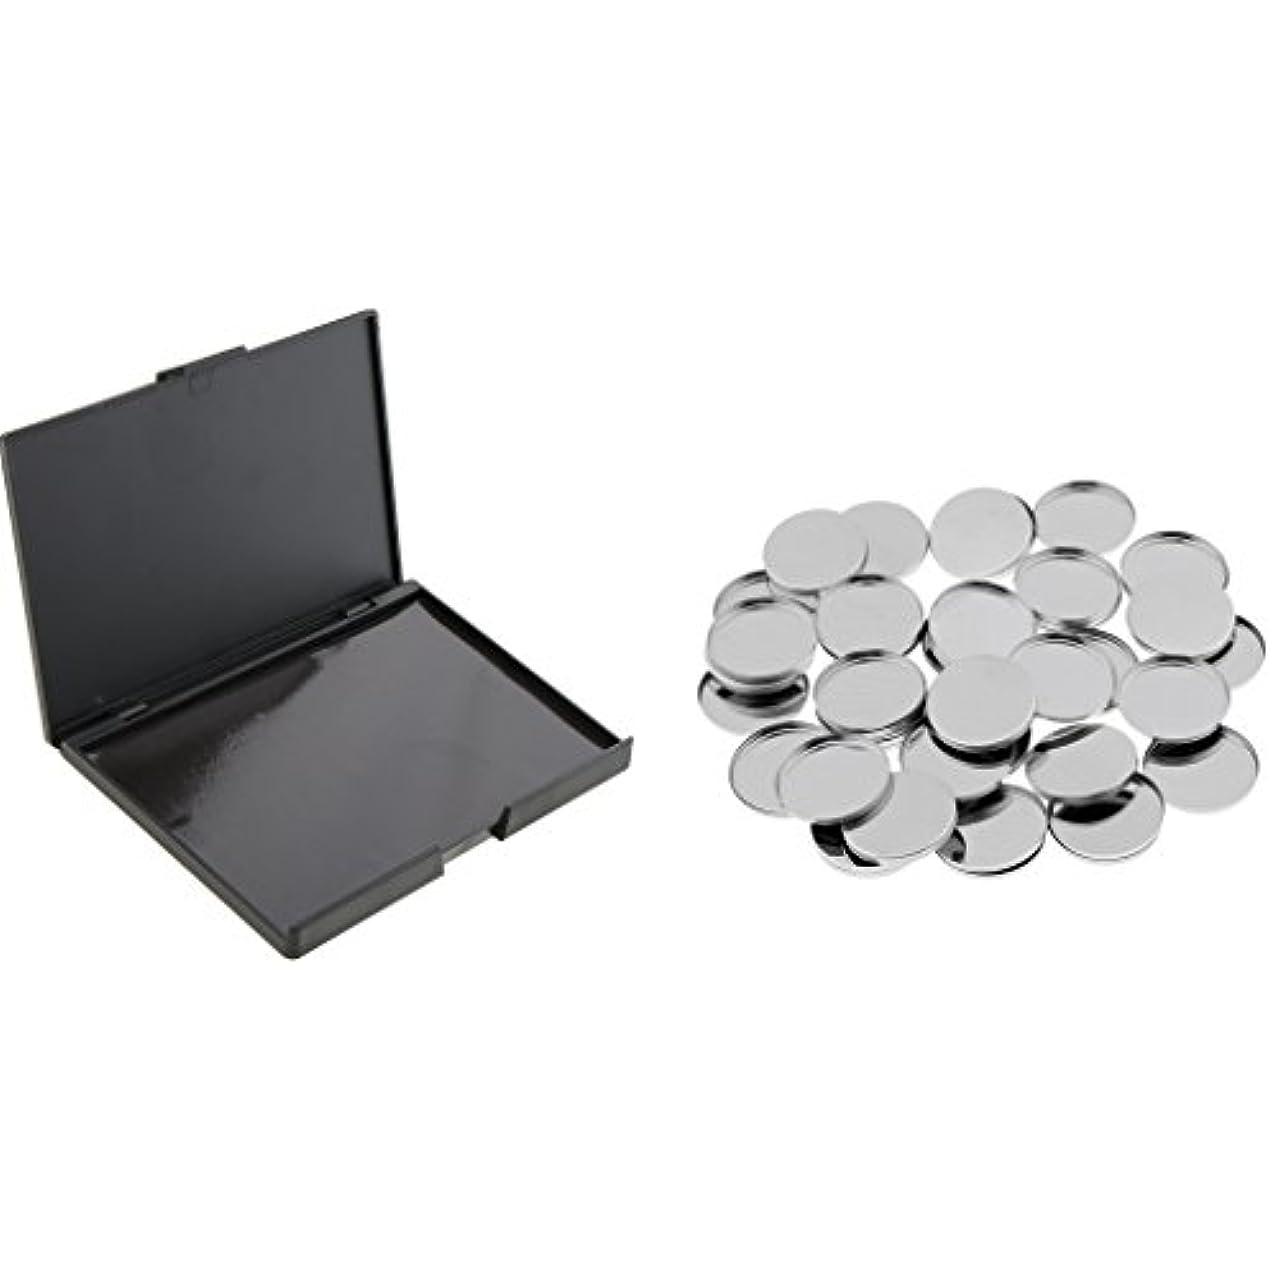 群れ活性化するウサギ磁気パレットボックス 金属缶 空缶 メタルパン 磁気パレット アイシャドー用 DIY 化粧品